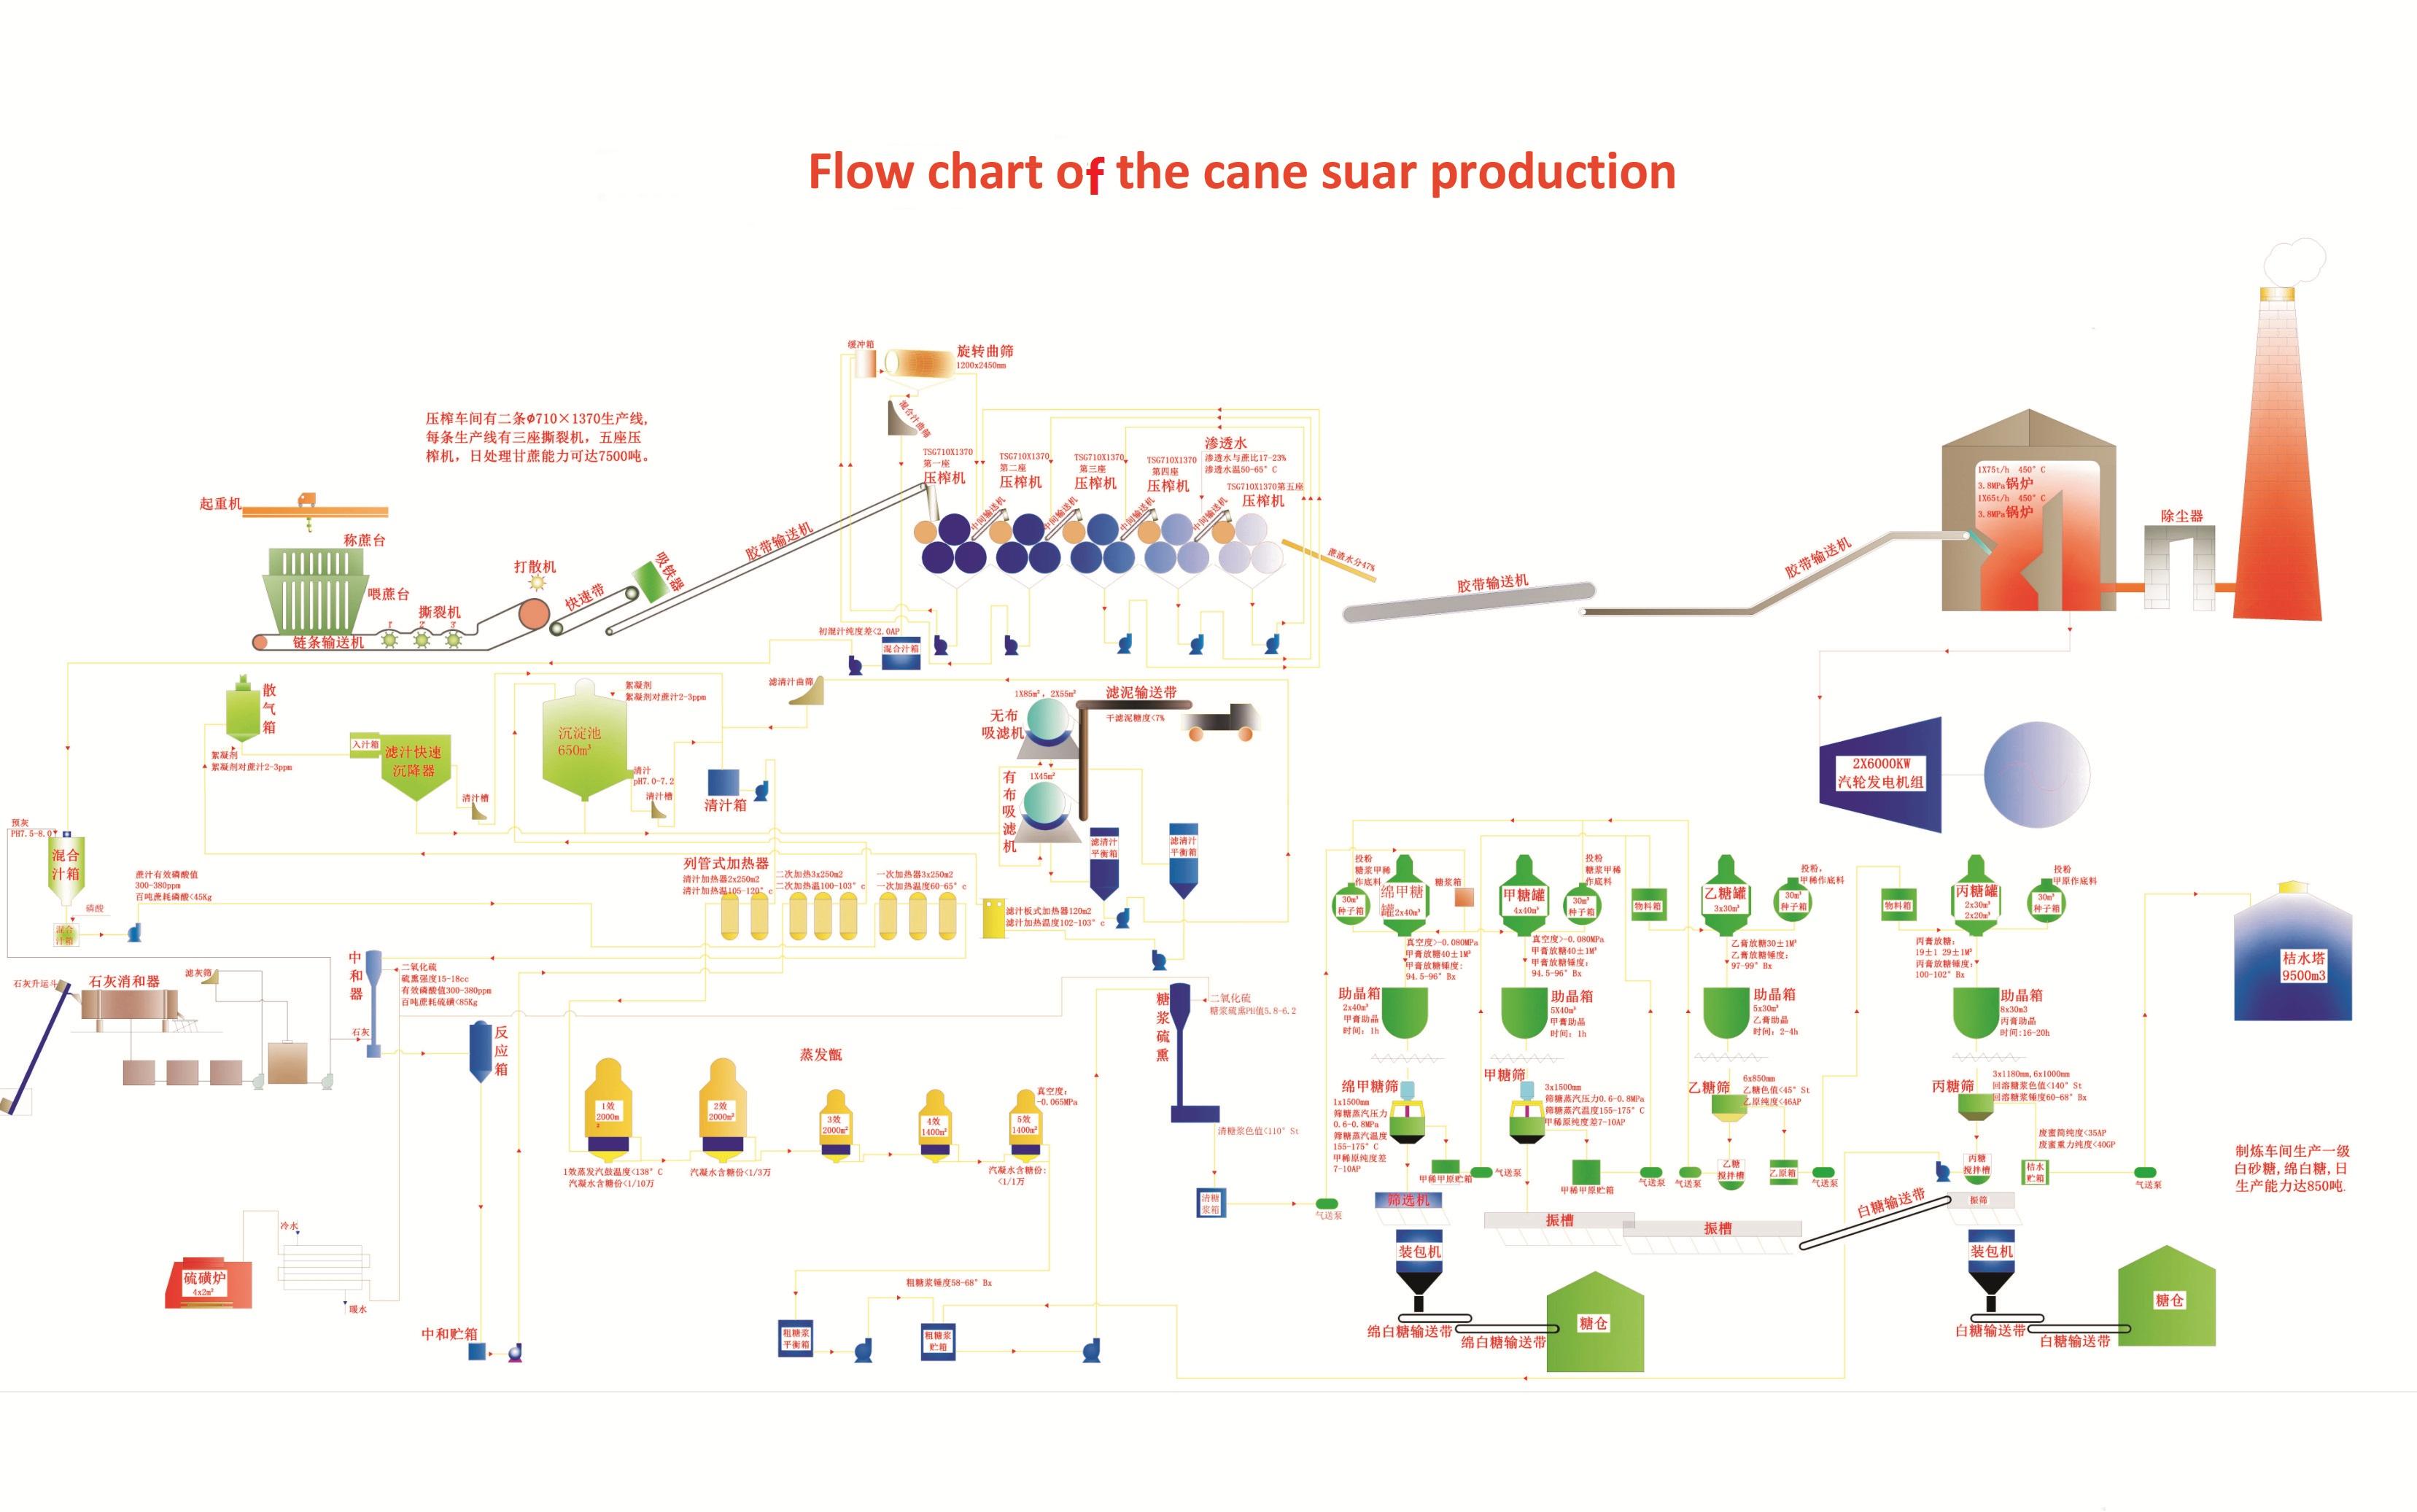 流程图2-吴川-制糖11111222222222222.jpg